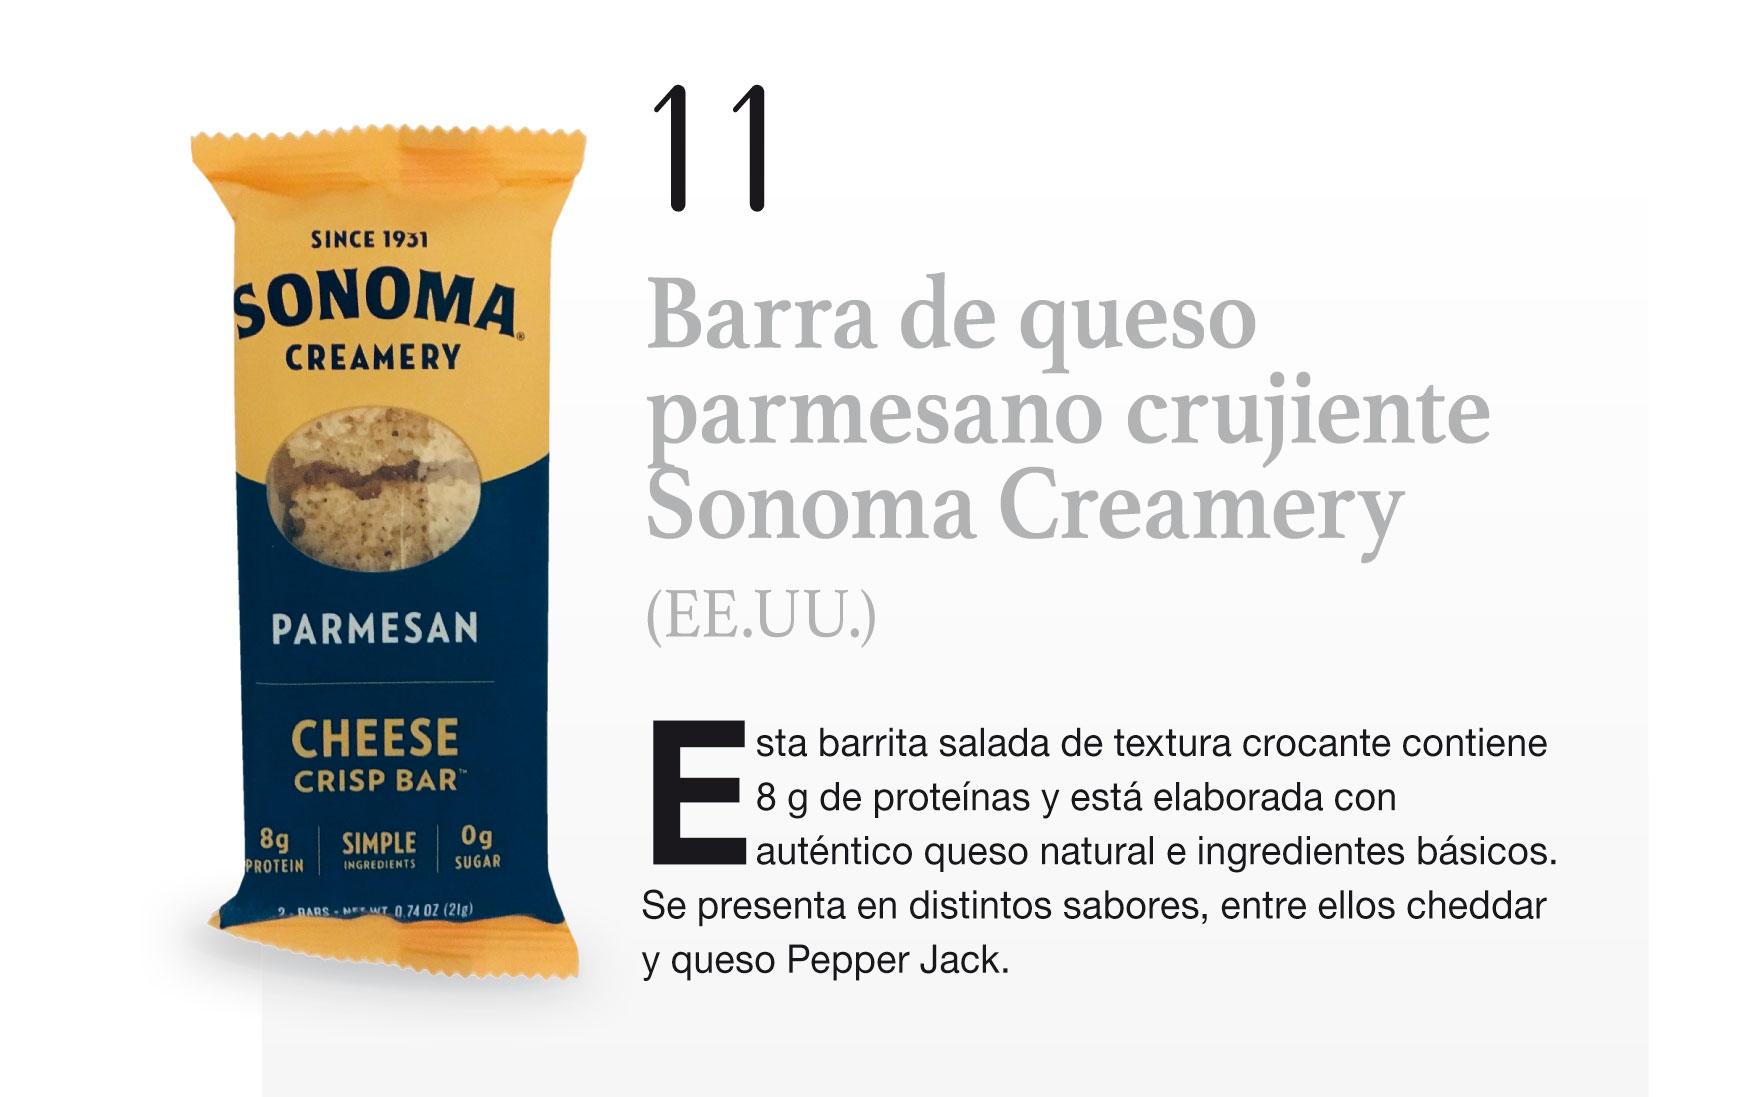 Barra de queso parmesano crujiente Sonoma Creamery (EE.UU.)